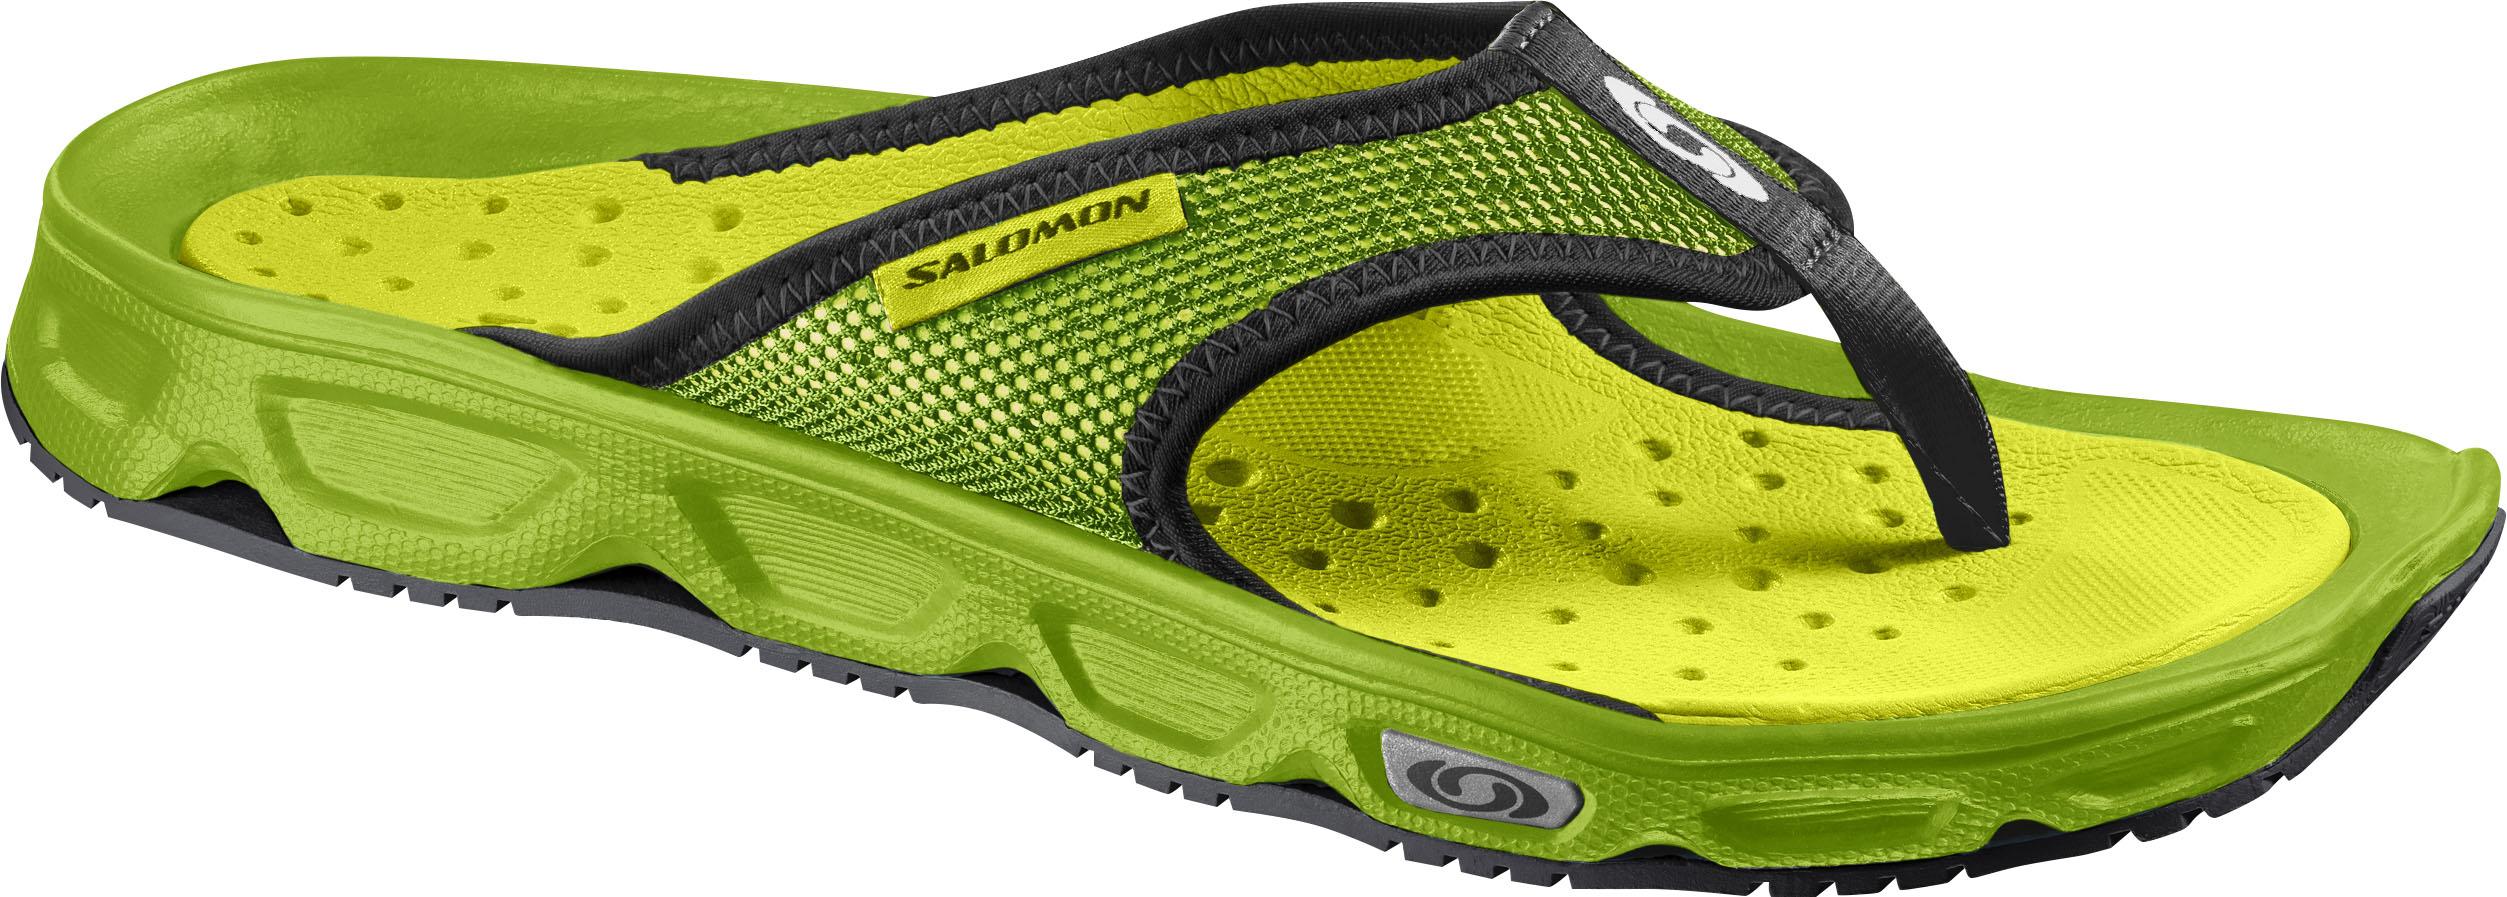 Salomon RX Break 381608 zelená 44,6